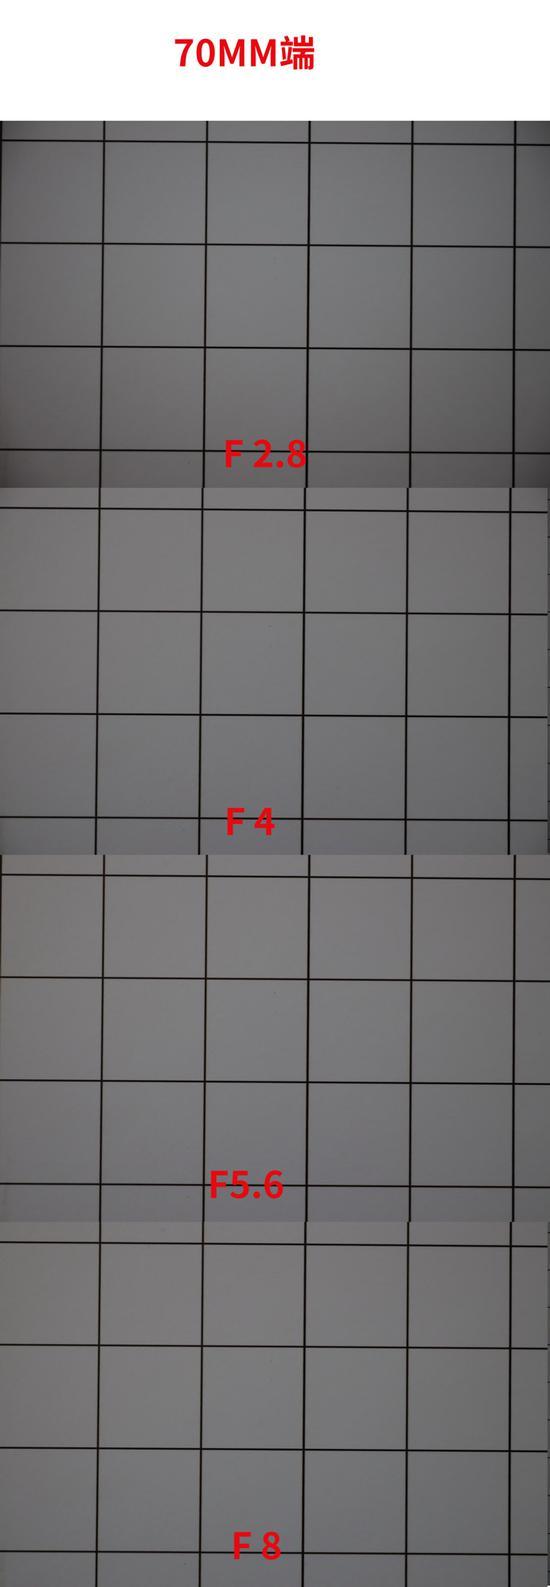 滚石娱乐场优惠活动 - 全新一代宝马X6售价76.69万元起,广州车展正式上市